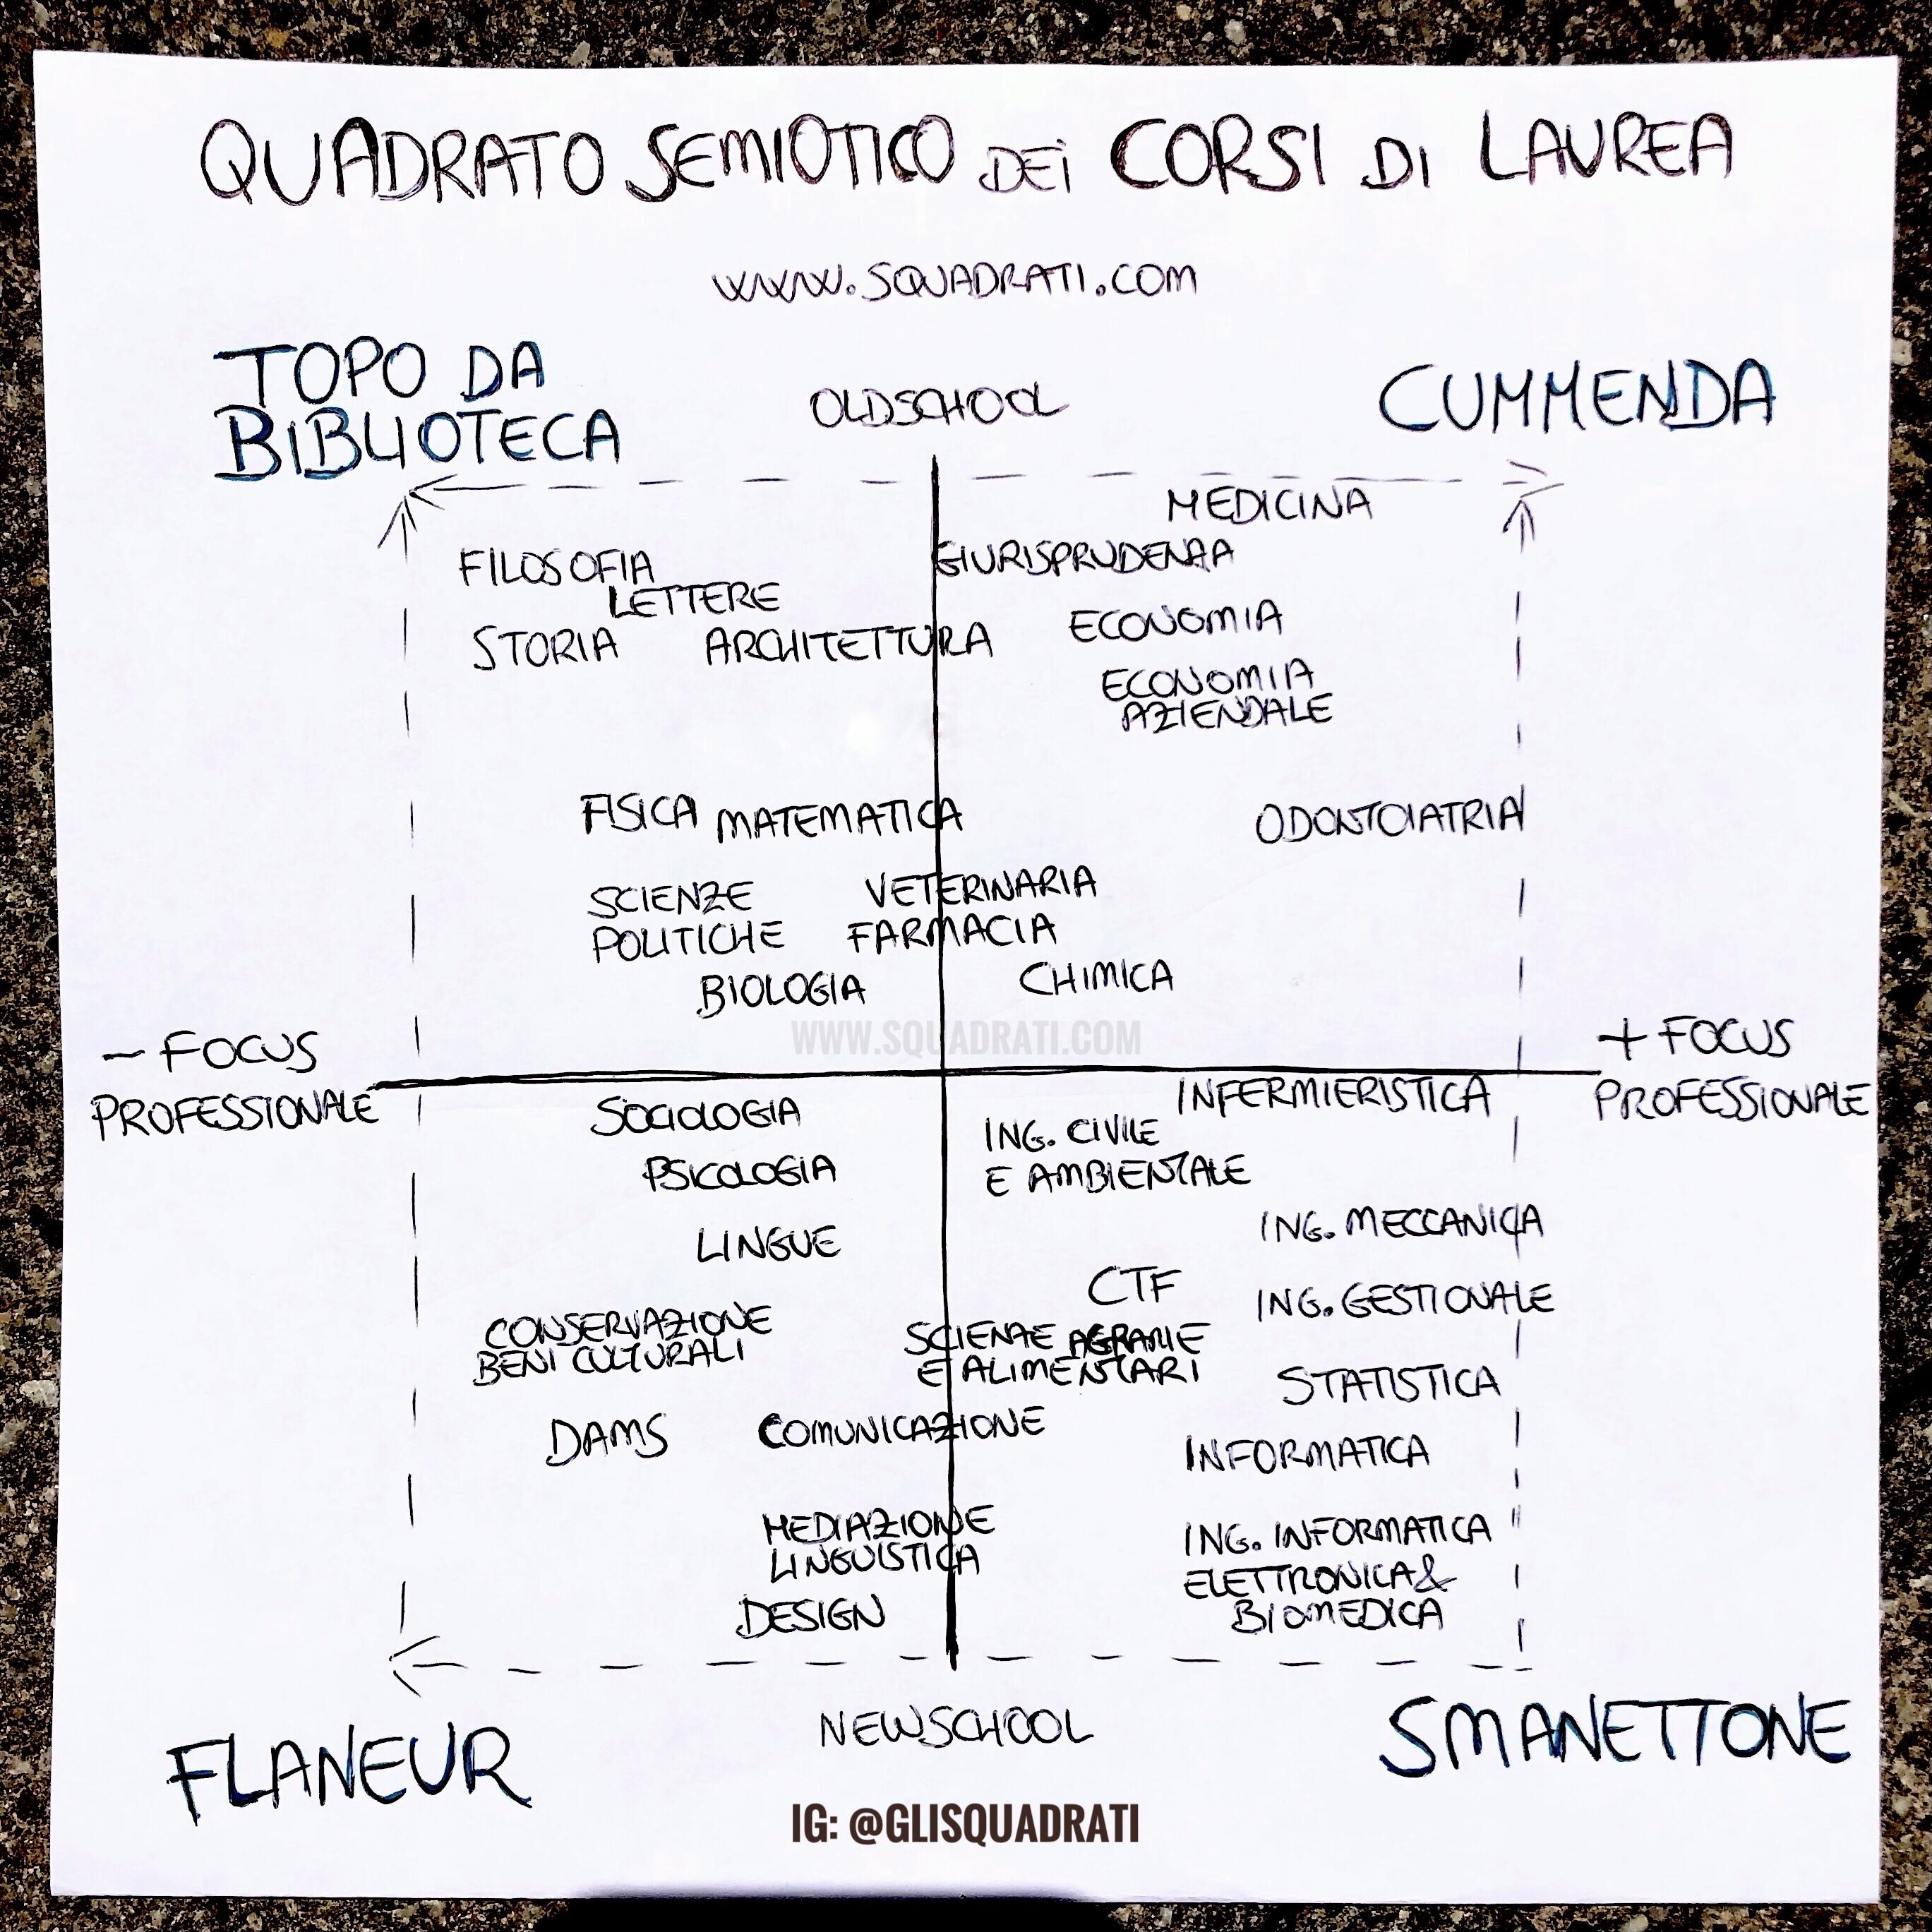 Quadrato Semiotico dei Corsi di Laurea - SQUADRATI